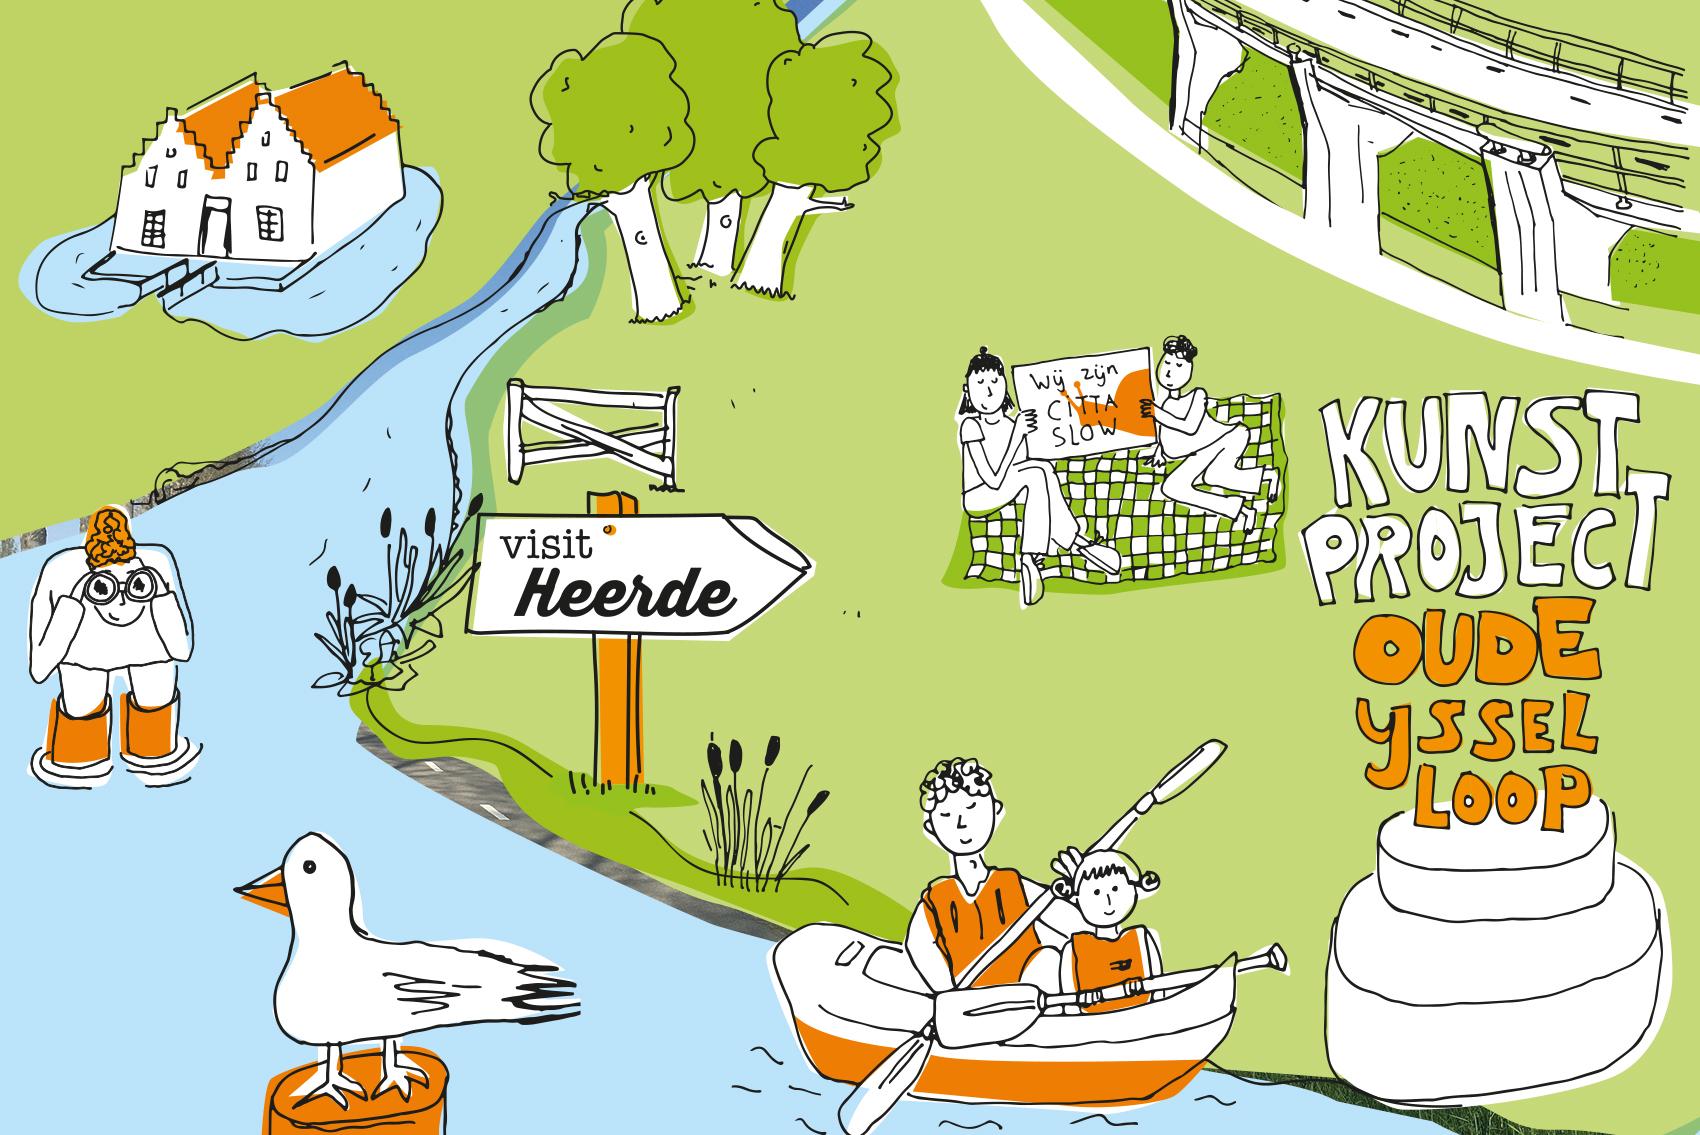 Visit Heerde